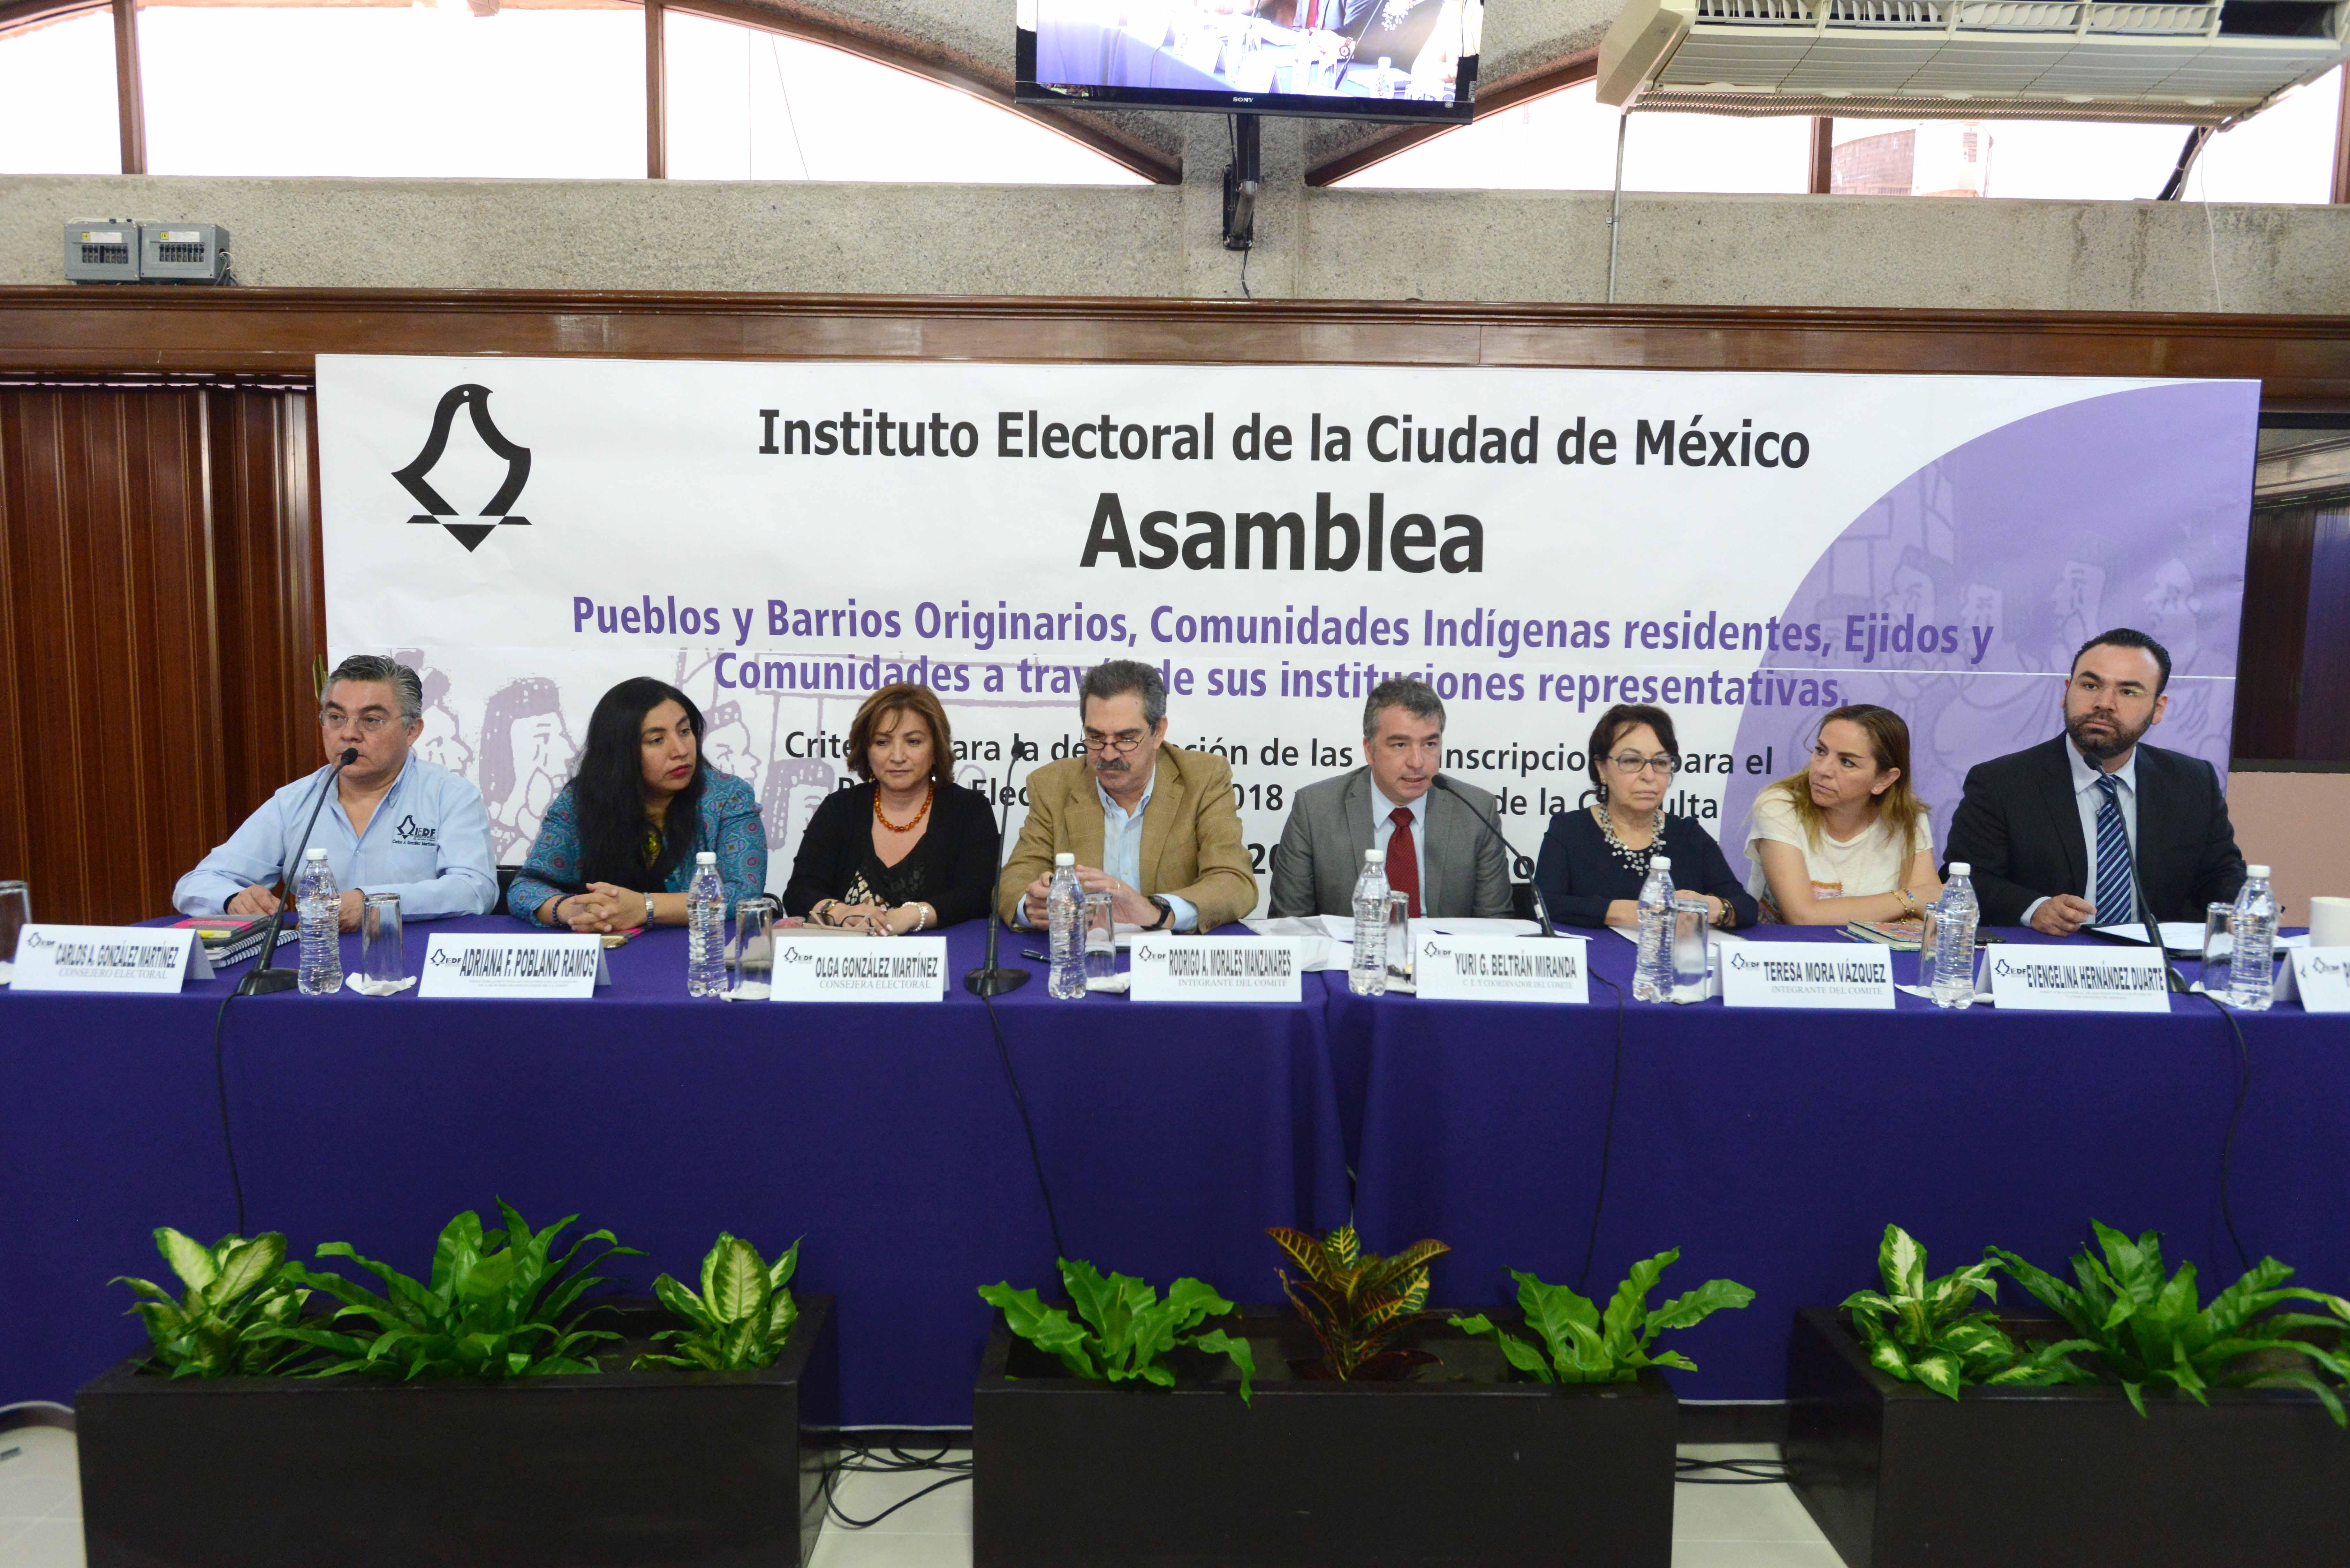 Realiza IECM Asamblea para dar a conocer y discutir criterios para delimitar circunscripciones